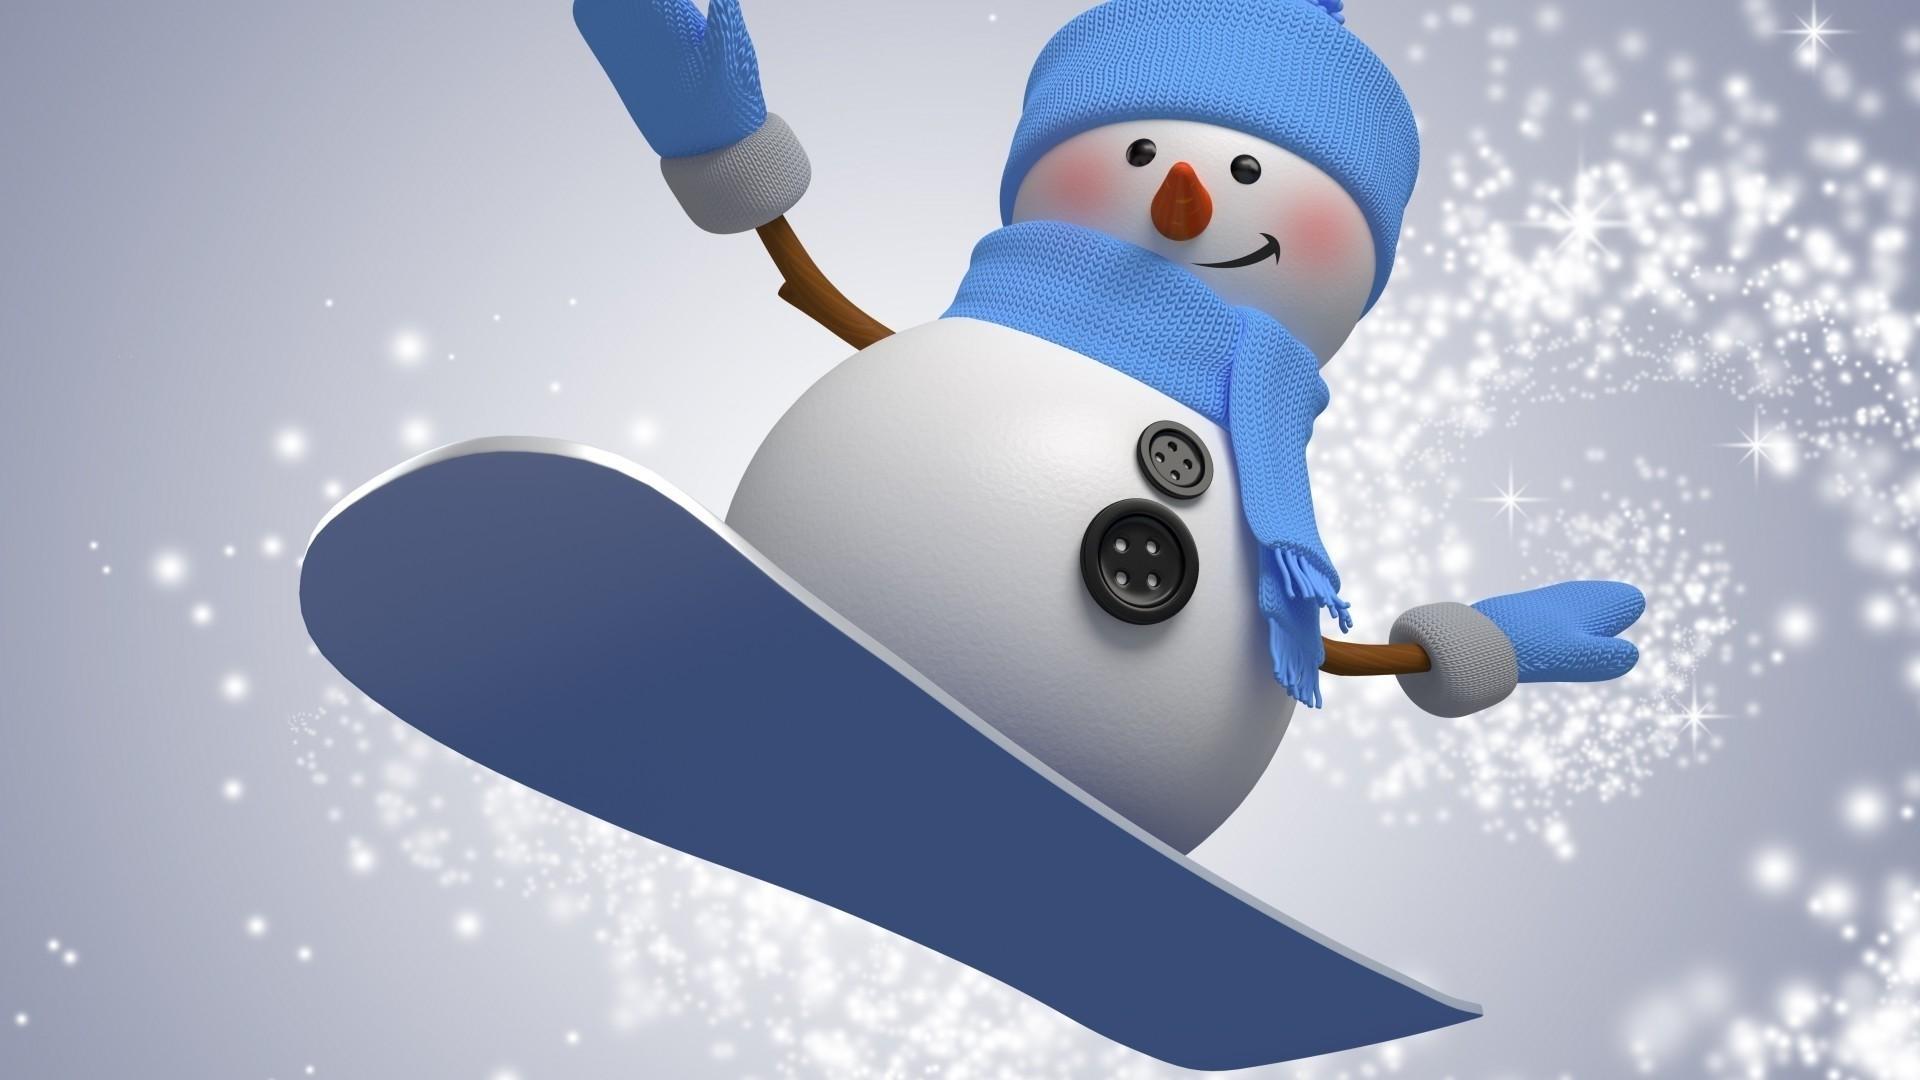 Snowman Full HD Wallpaper